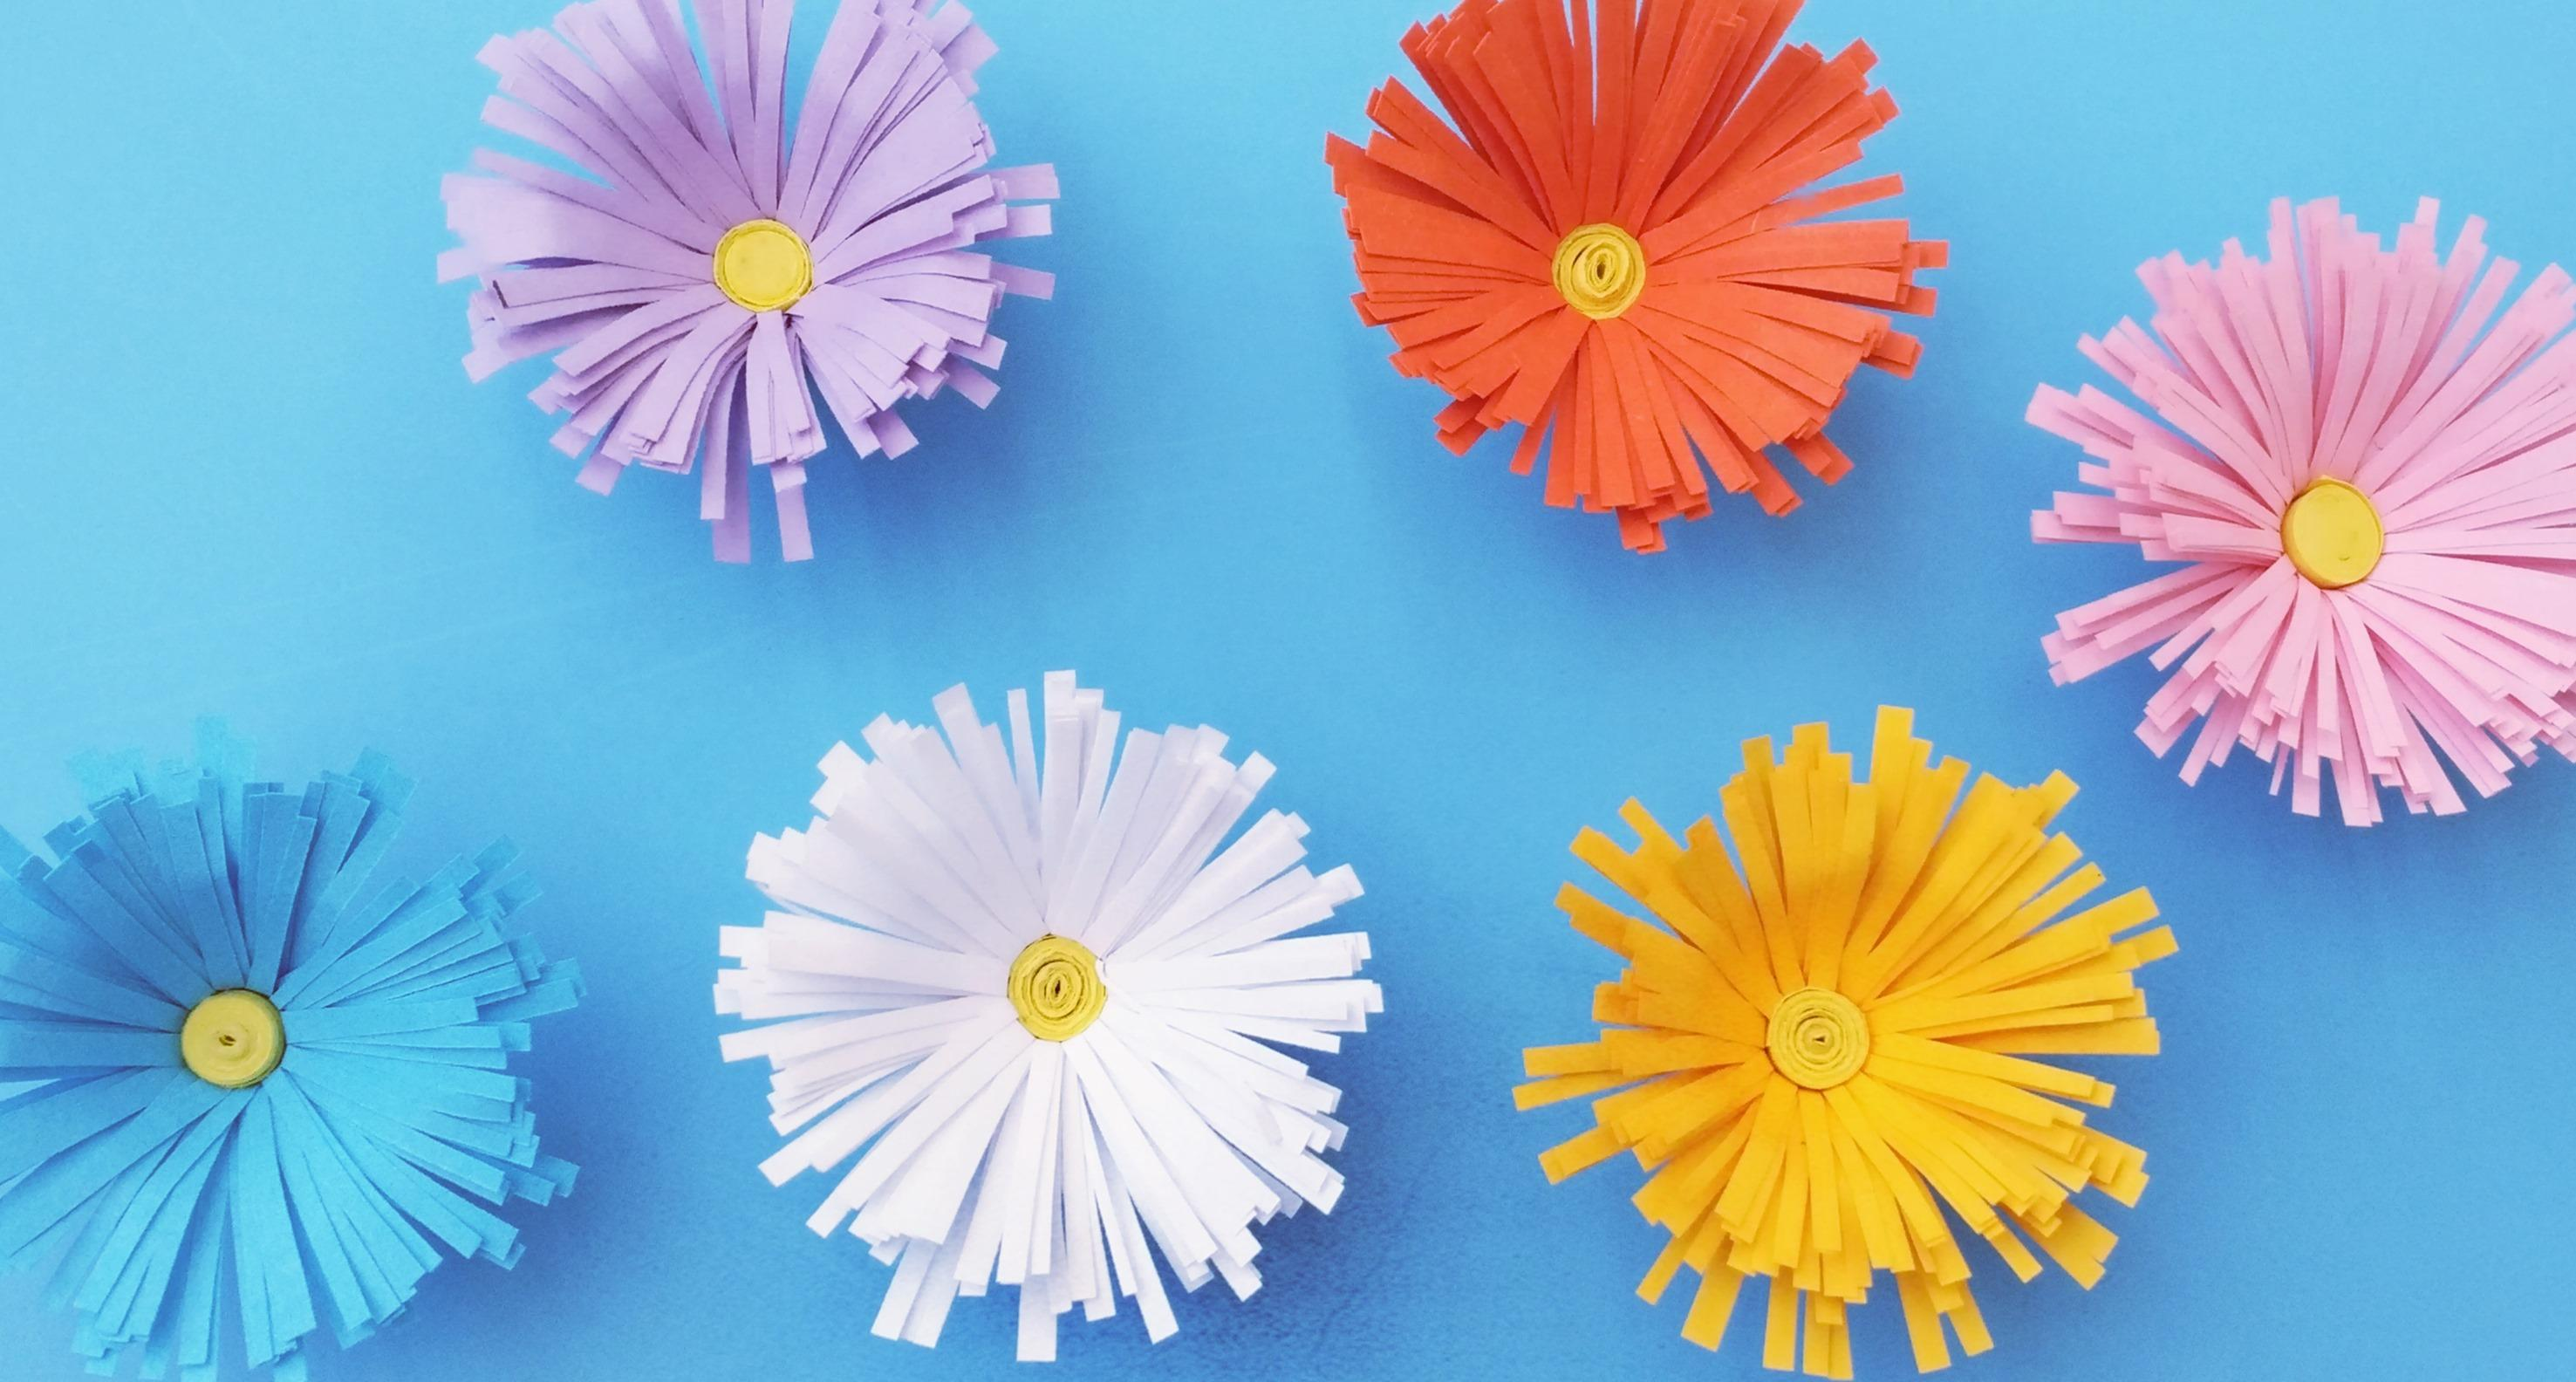 立体小雏菊剪纸花,超简单的手工剪纸,幼儿园节日装饰教室美美哒